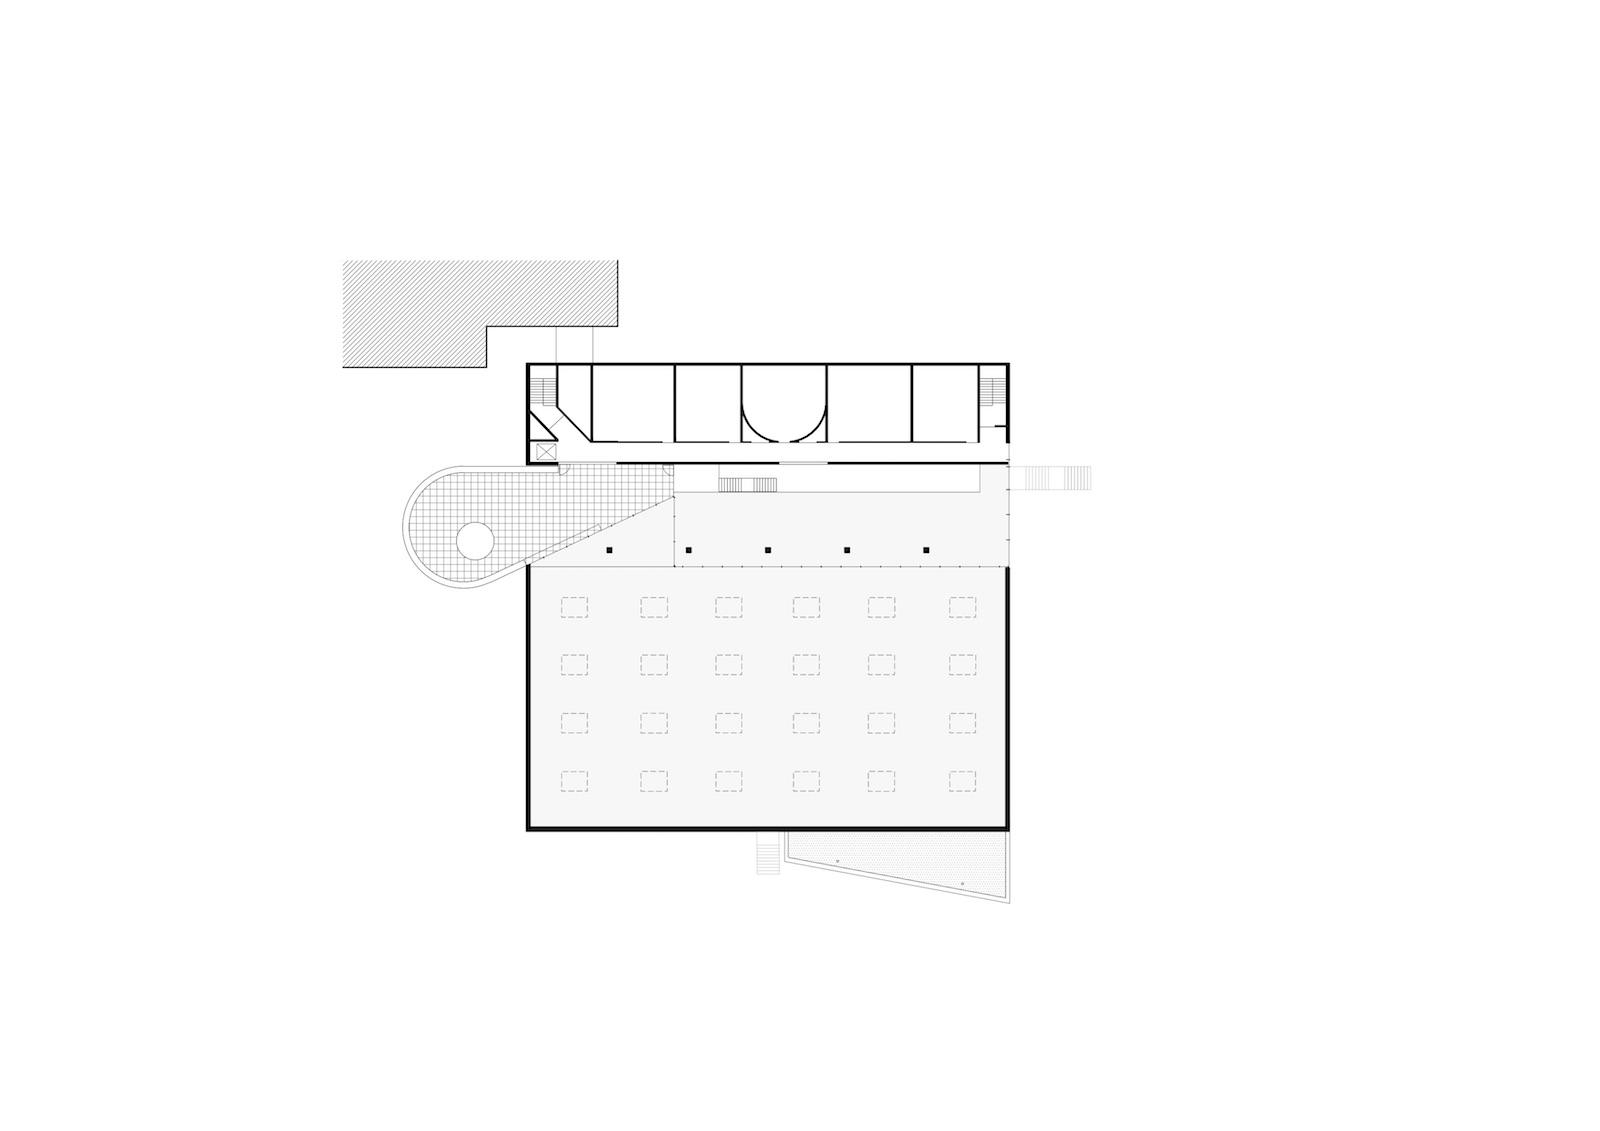 grondplan verdieping 2